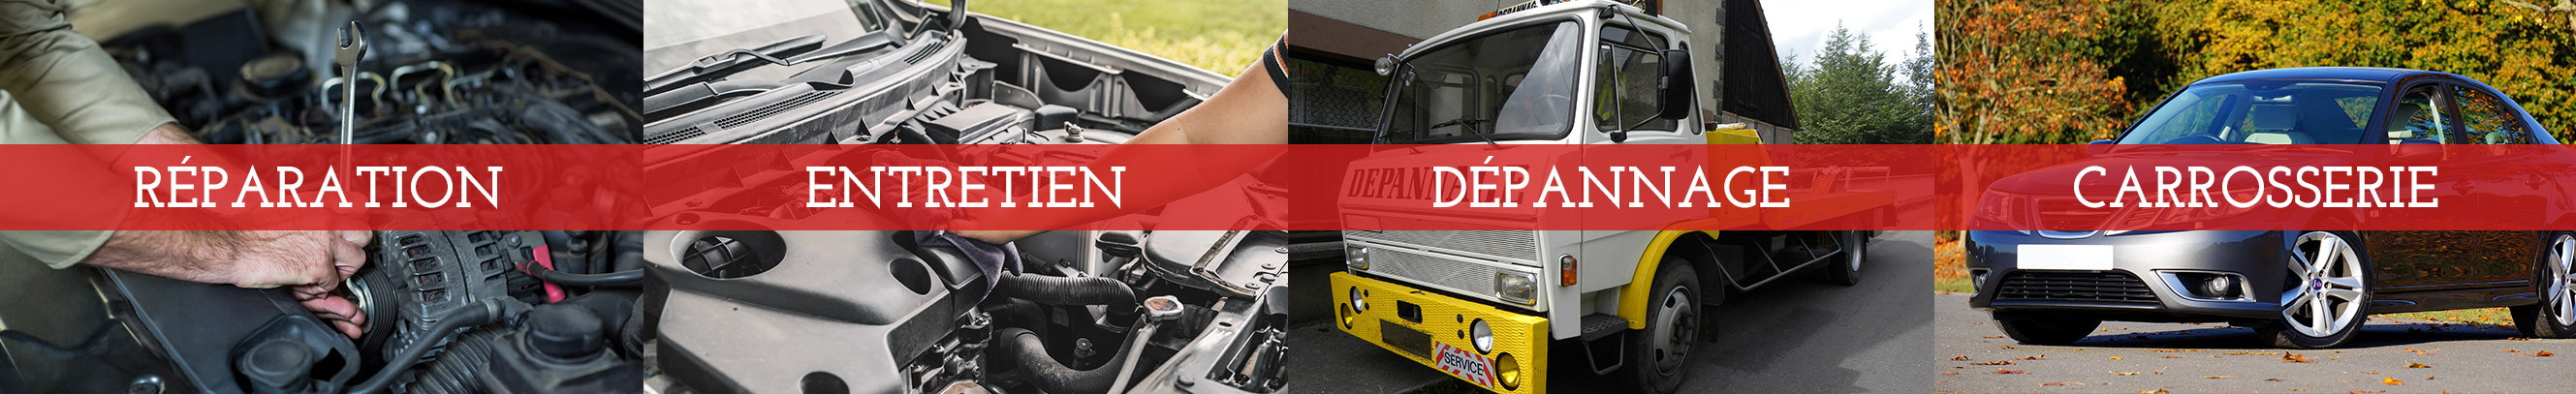 Presentation N7 Automobile